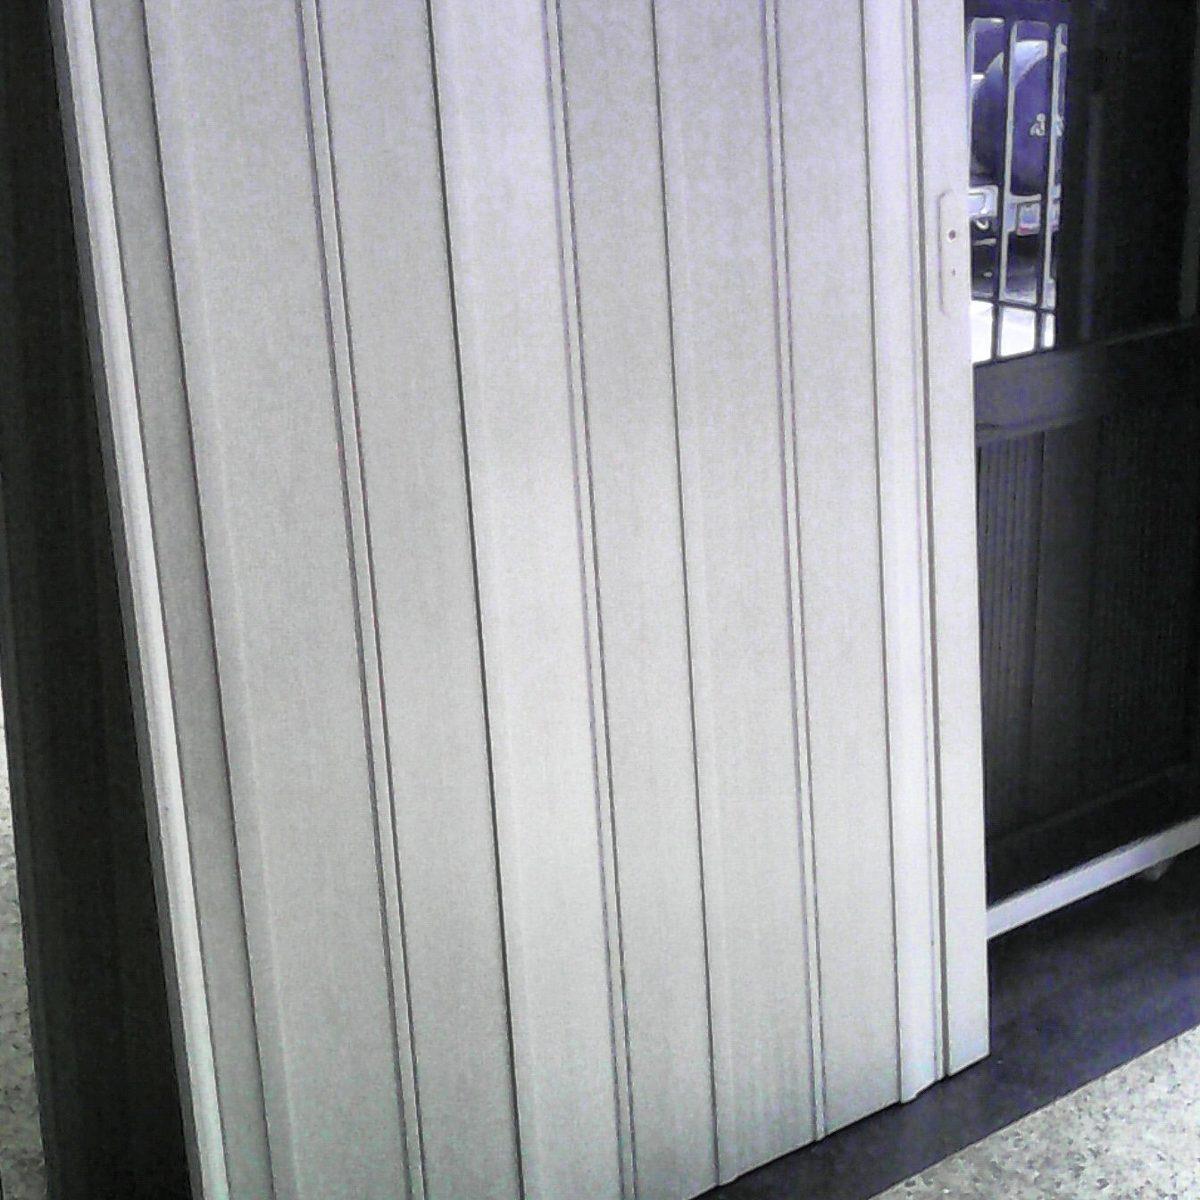 Puertas plegables tipo acorde n 12mm pre armada a medida en mercado libre - Puertas plegables a medida ...